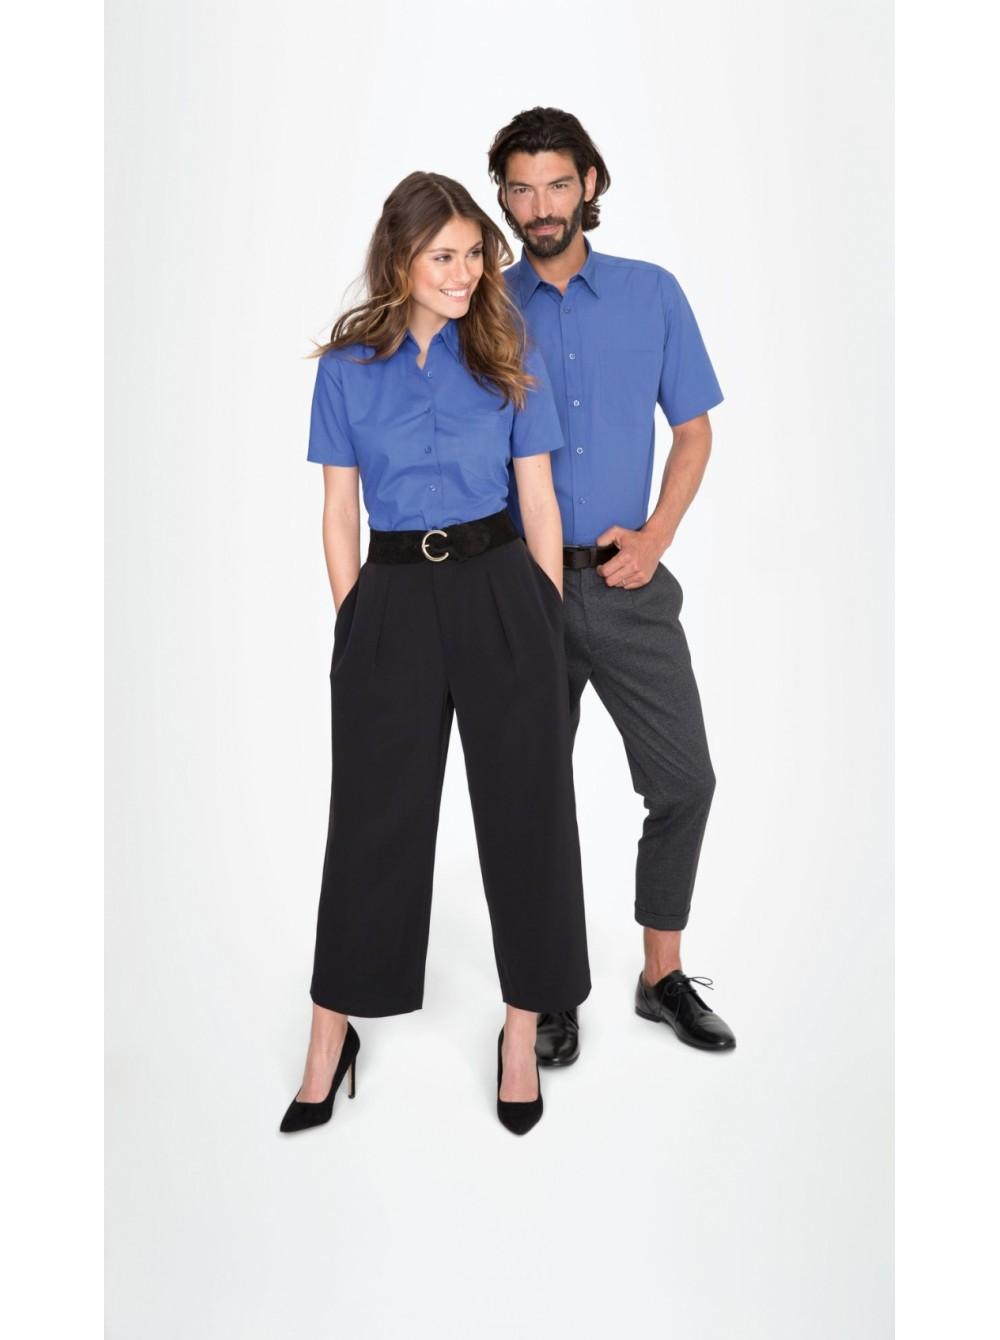 294327e8ac8 Рубашка женская с коротким рукавом ENERGY черная Sol s купить оптом ...